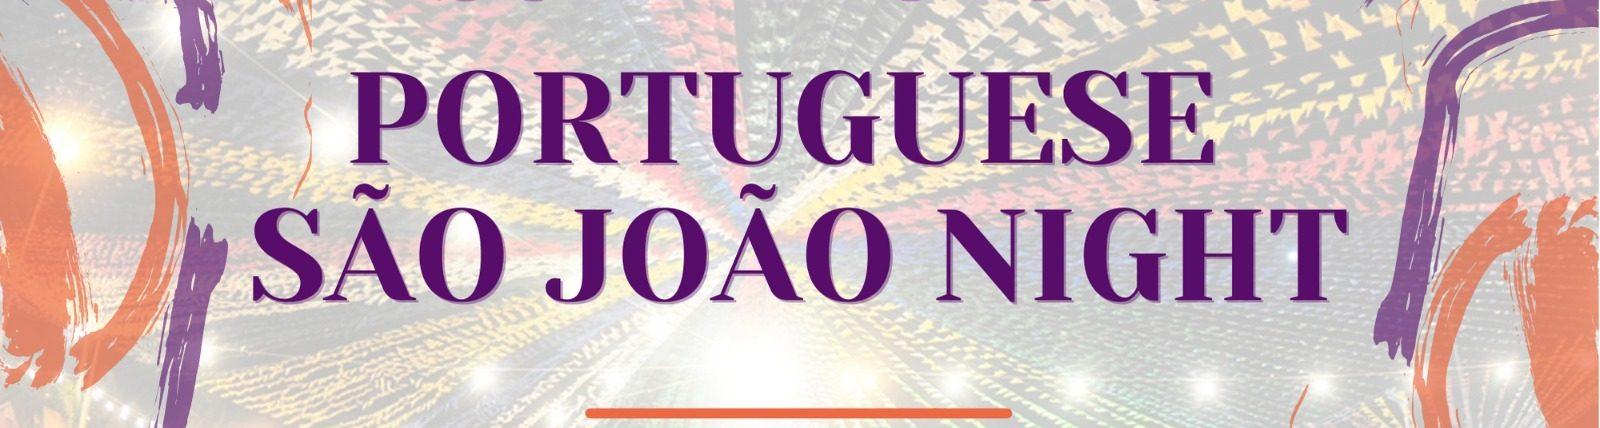 Portuguese Evening - Supper Club